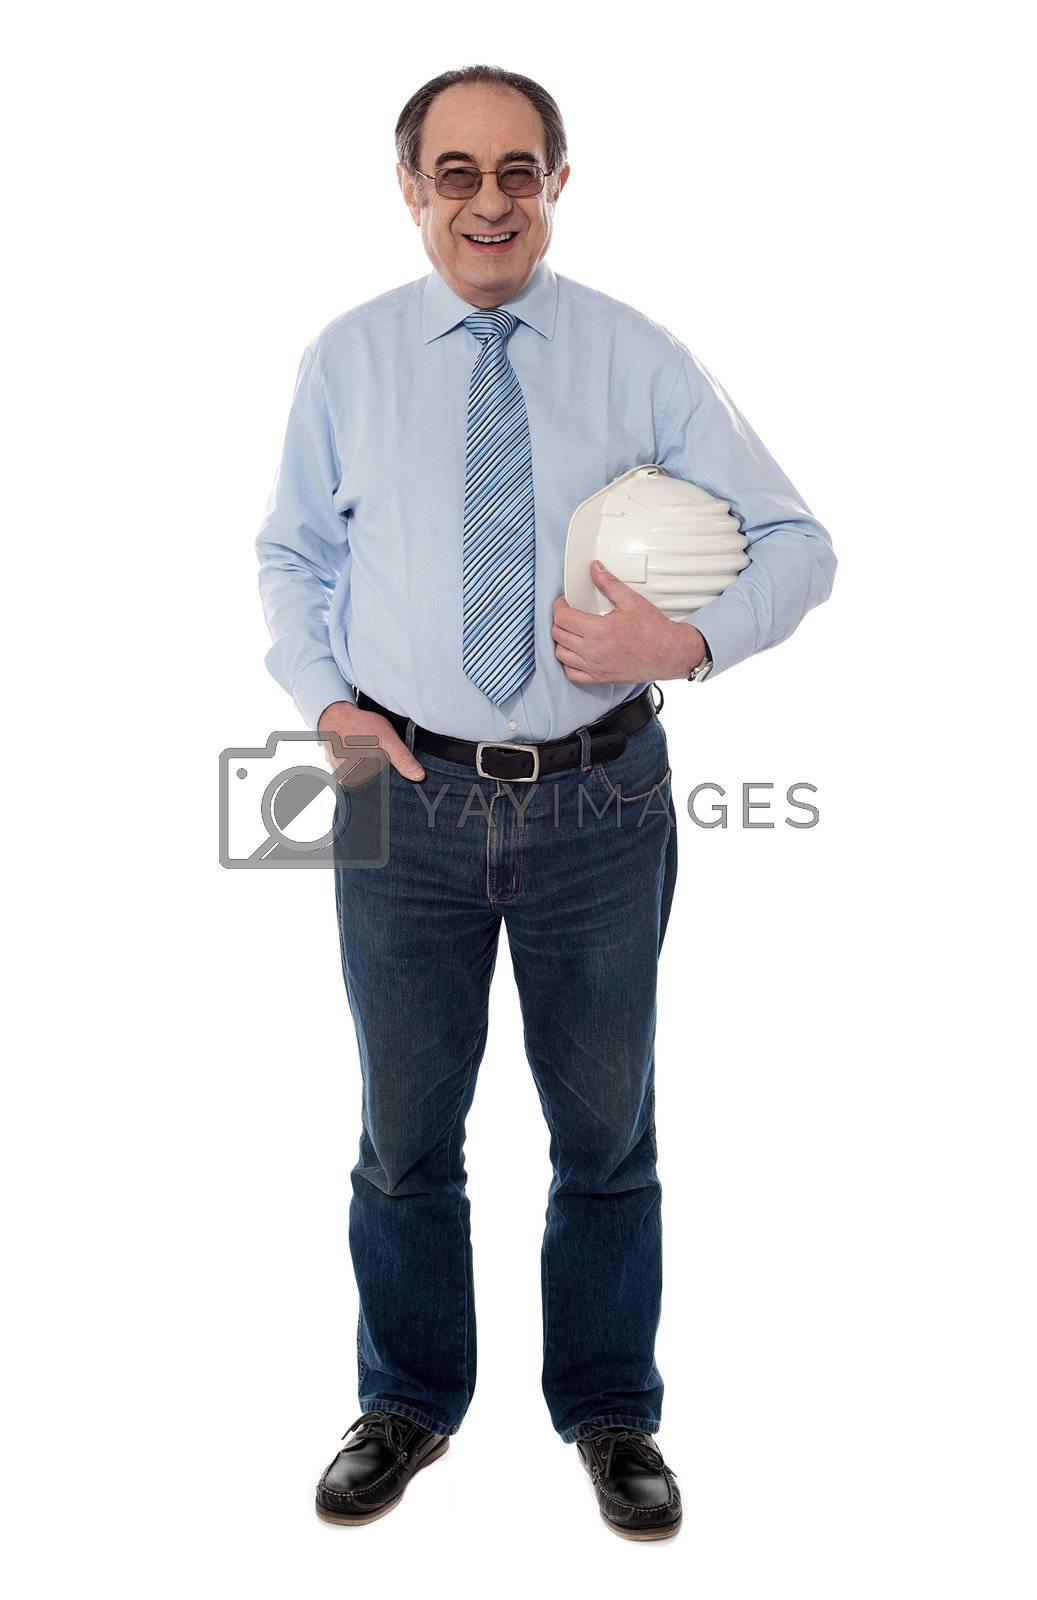 Senior architect holding helmet in one hand, full length view